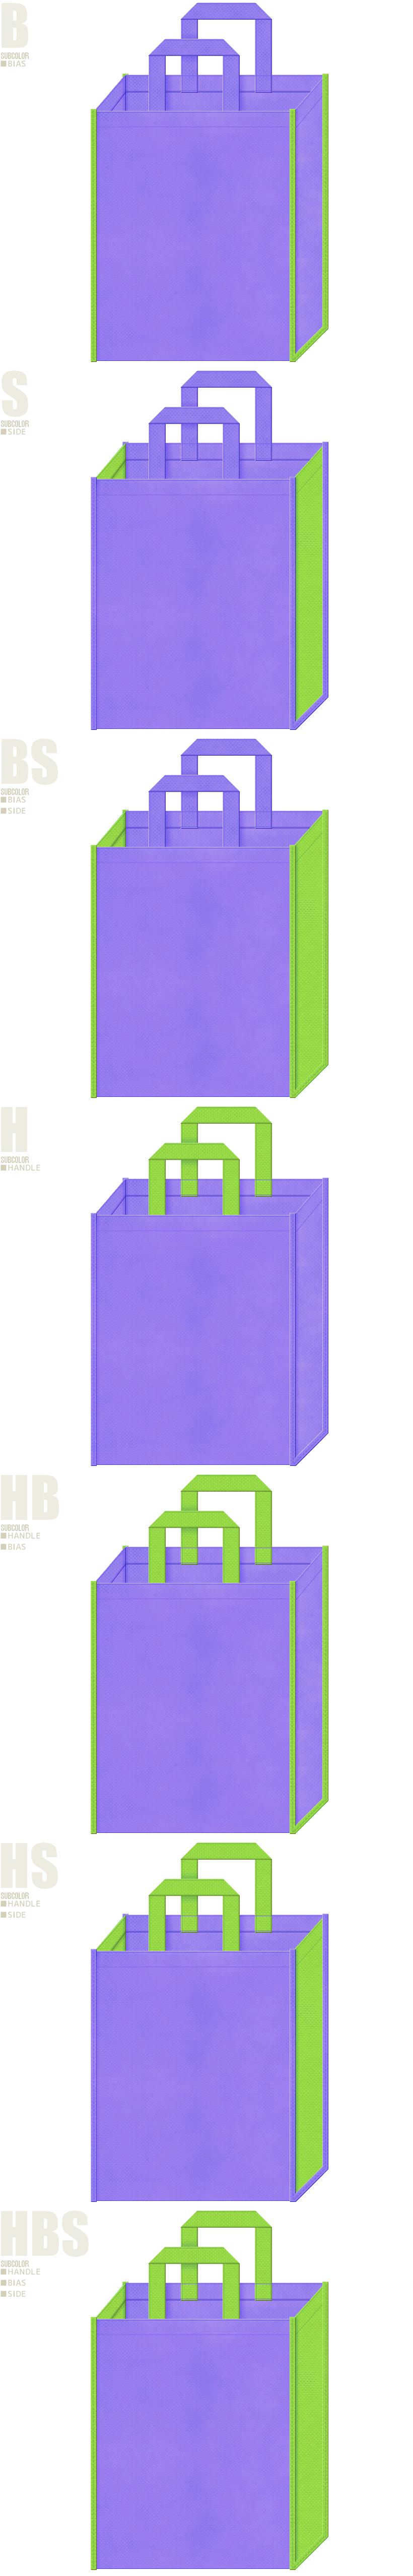 薄紫色と黄緑色の配色7パターン:不織布トートバッグのデザイン。紫陽花のイメージにお奨めの配色です。